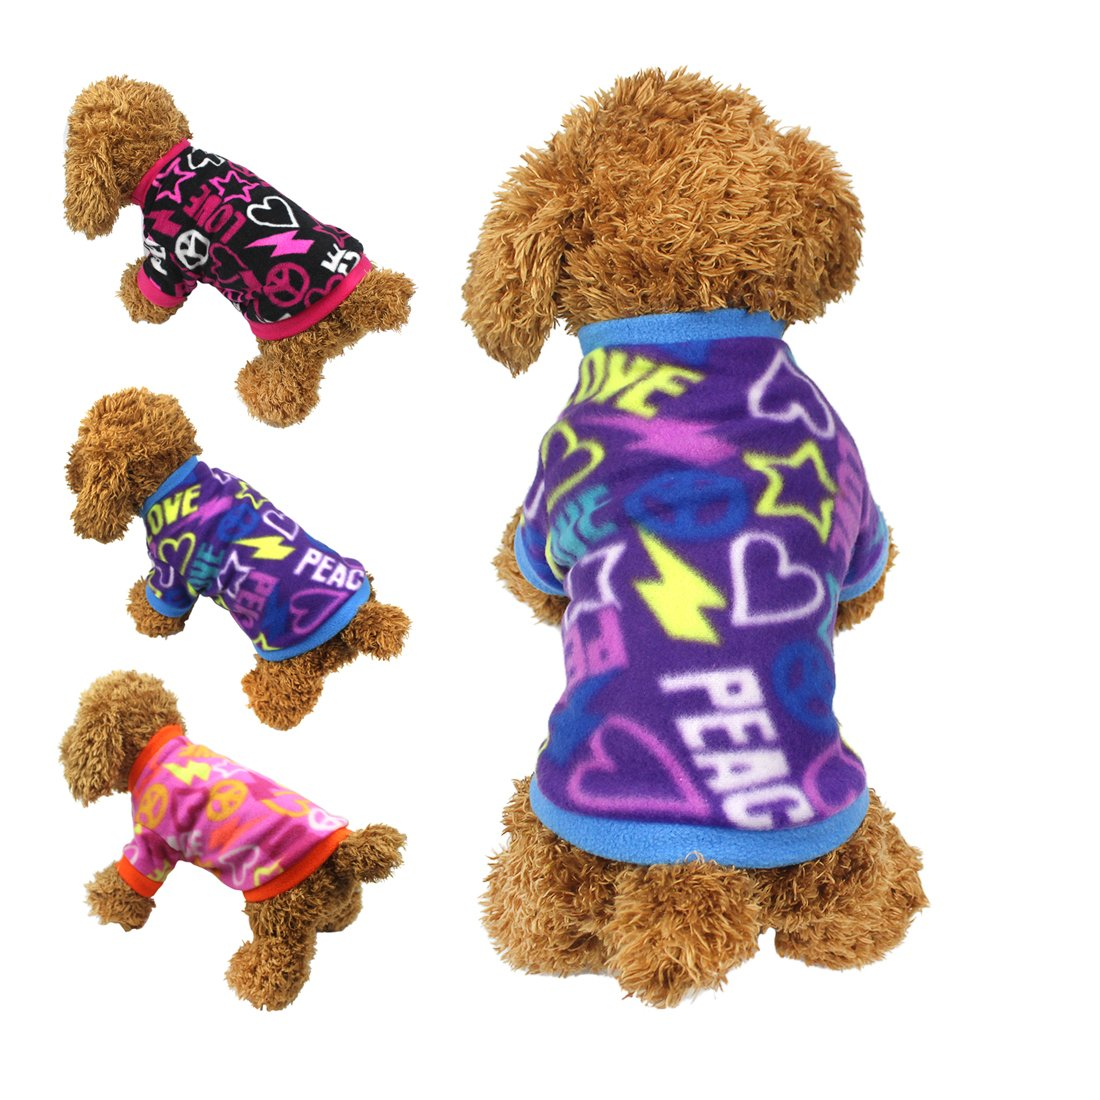 Vêtements Idepet pour animal domestique style graffiti doux en polaire pull manteau pour petit chien chiot chihuahua caniche mâles et femelles